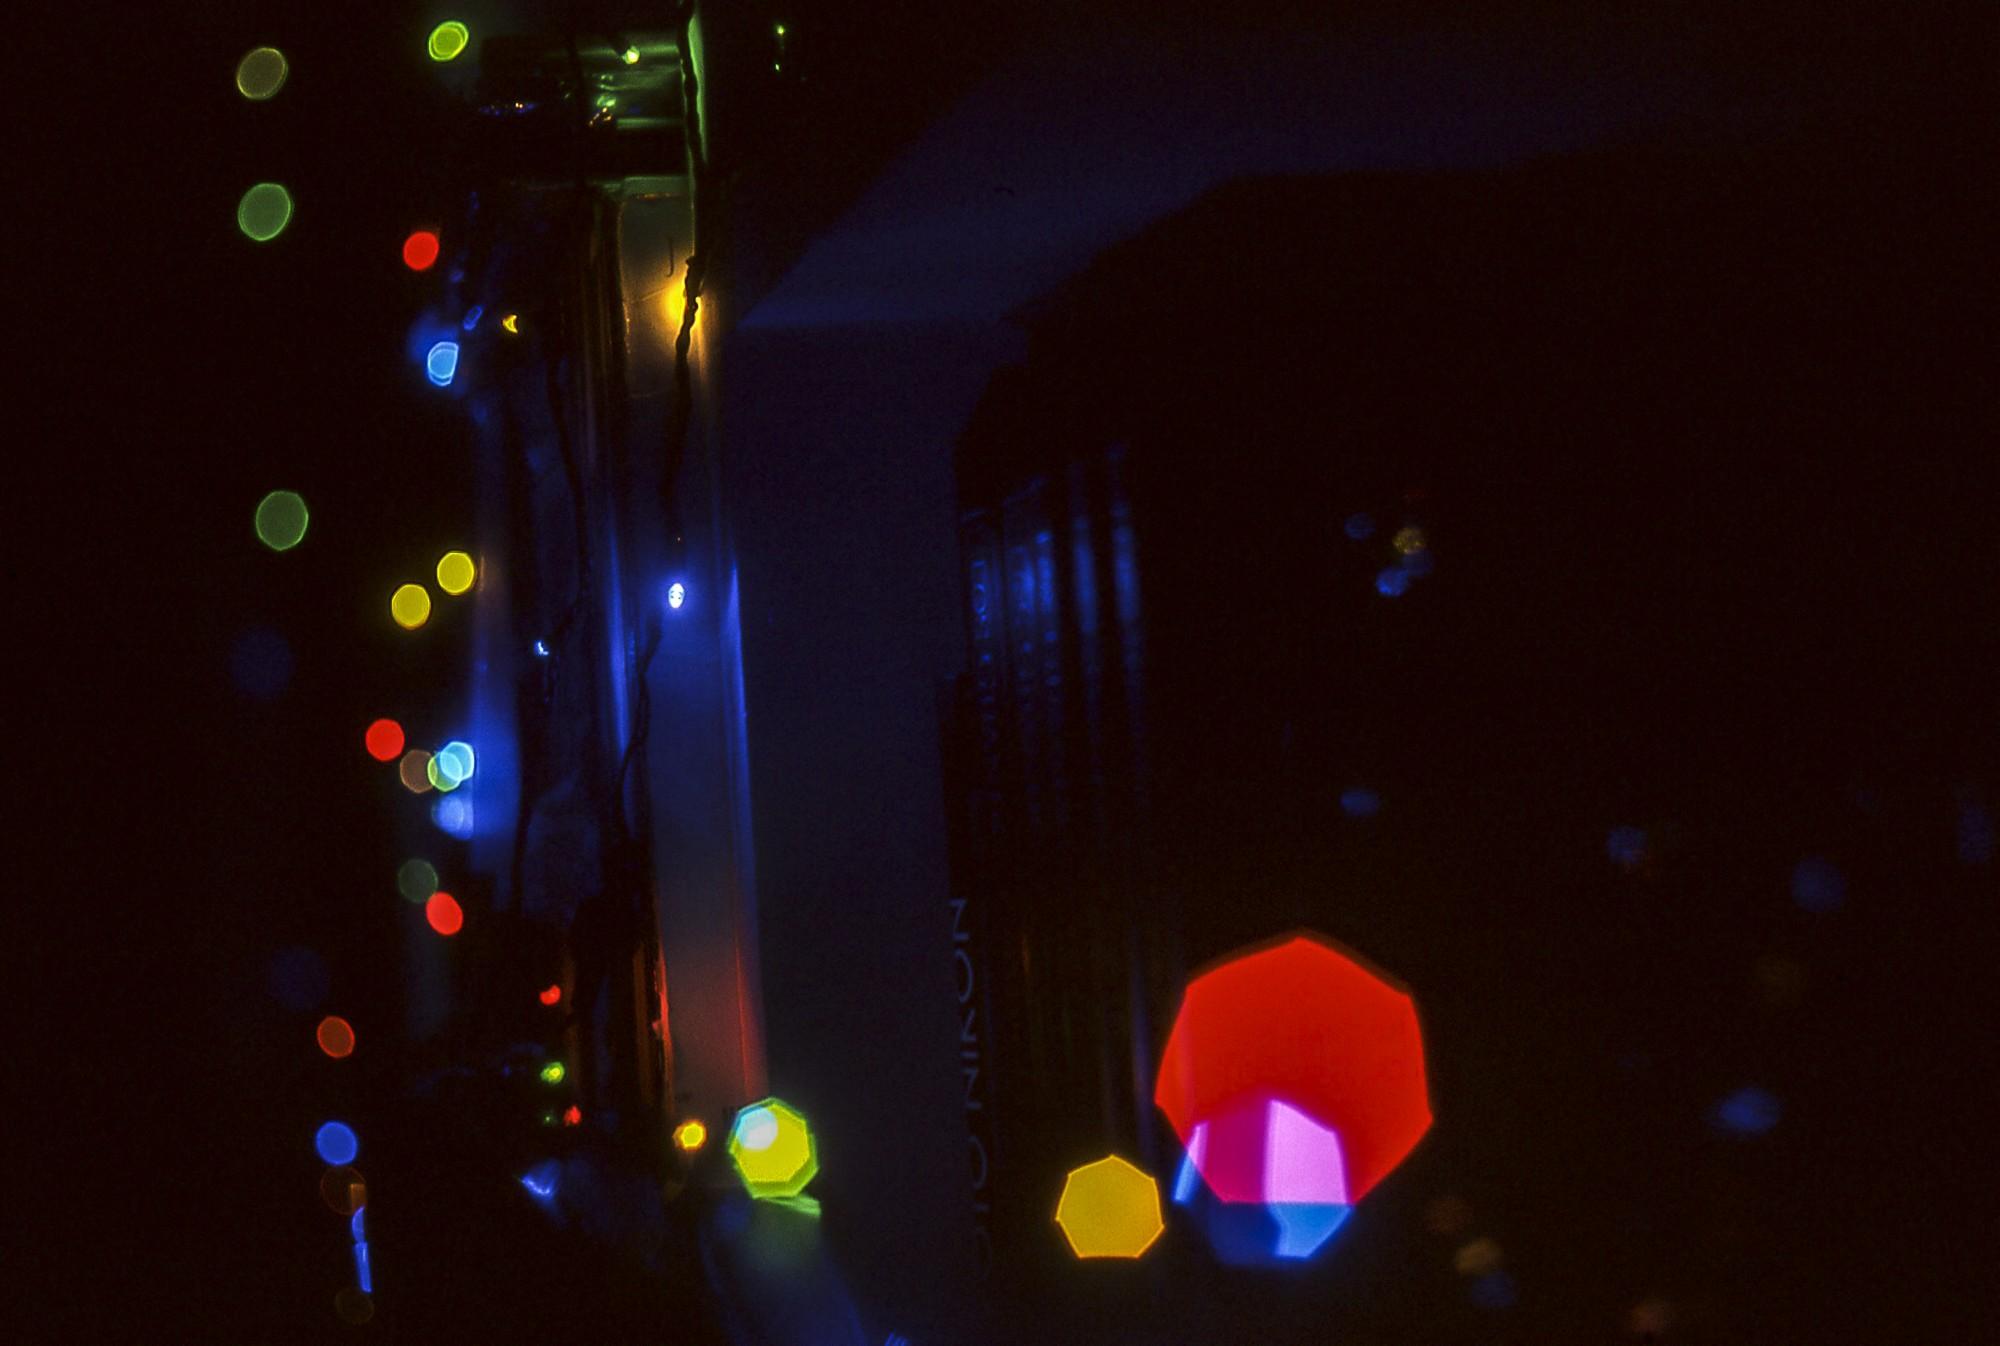 Diapositiva nocturna